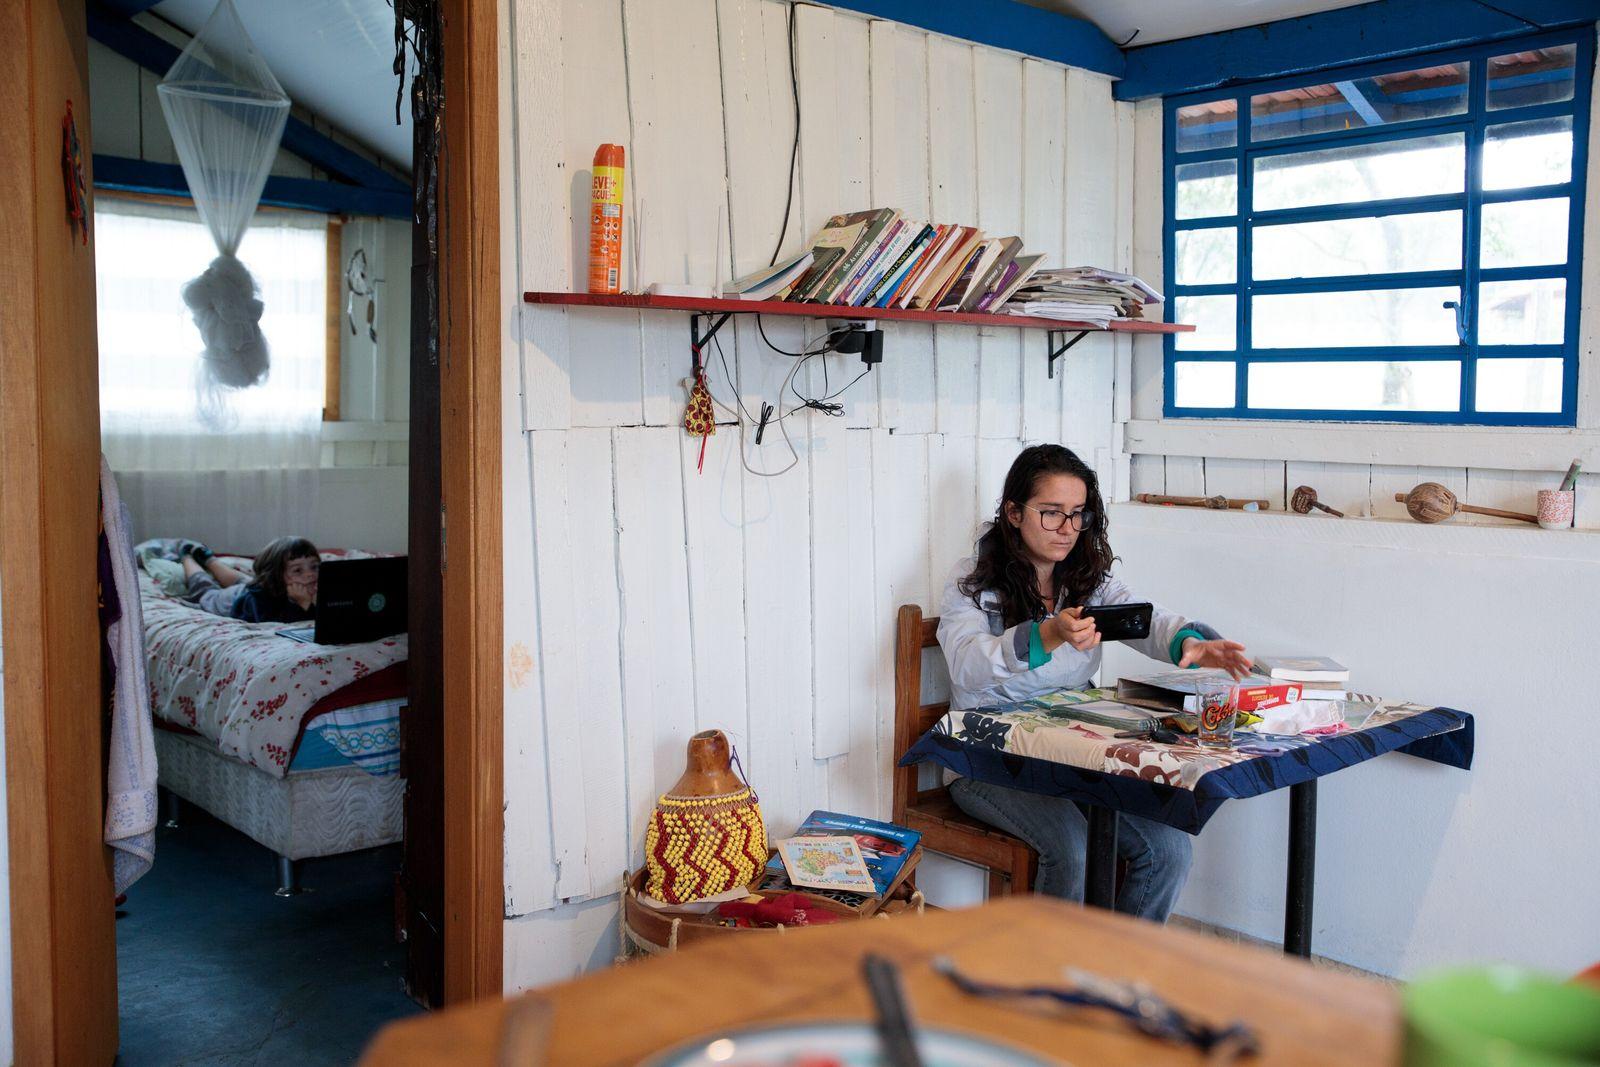 Luisa Brandão, 27, faz reunião com o celular na sala enquanto Aruan, 5, assiste um desenho ...